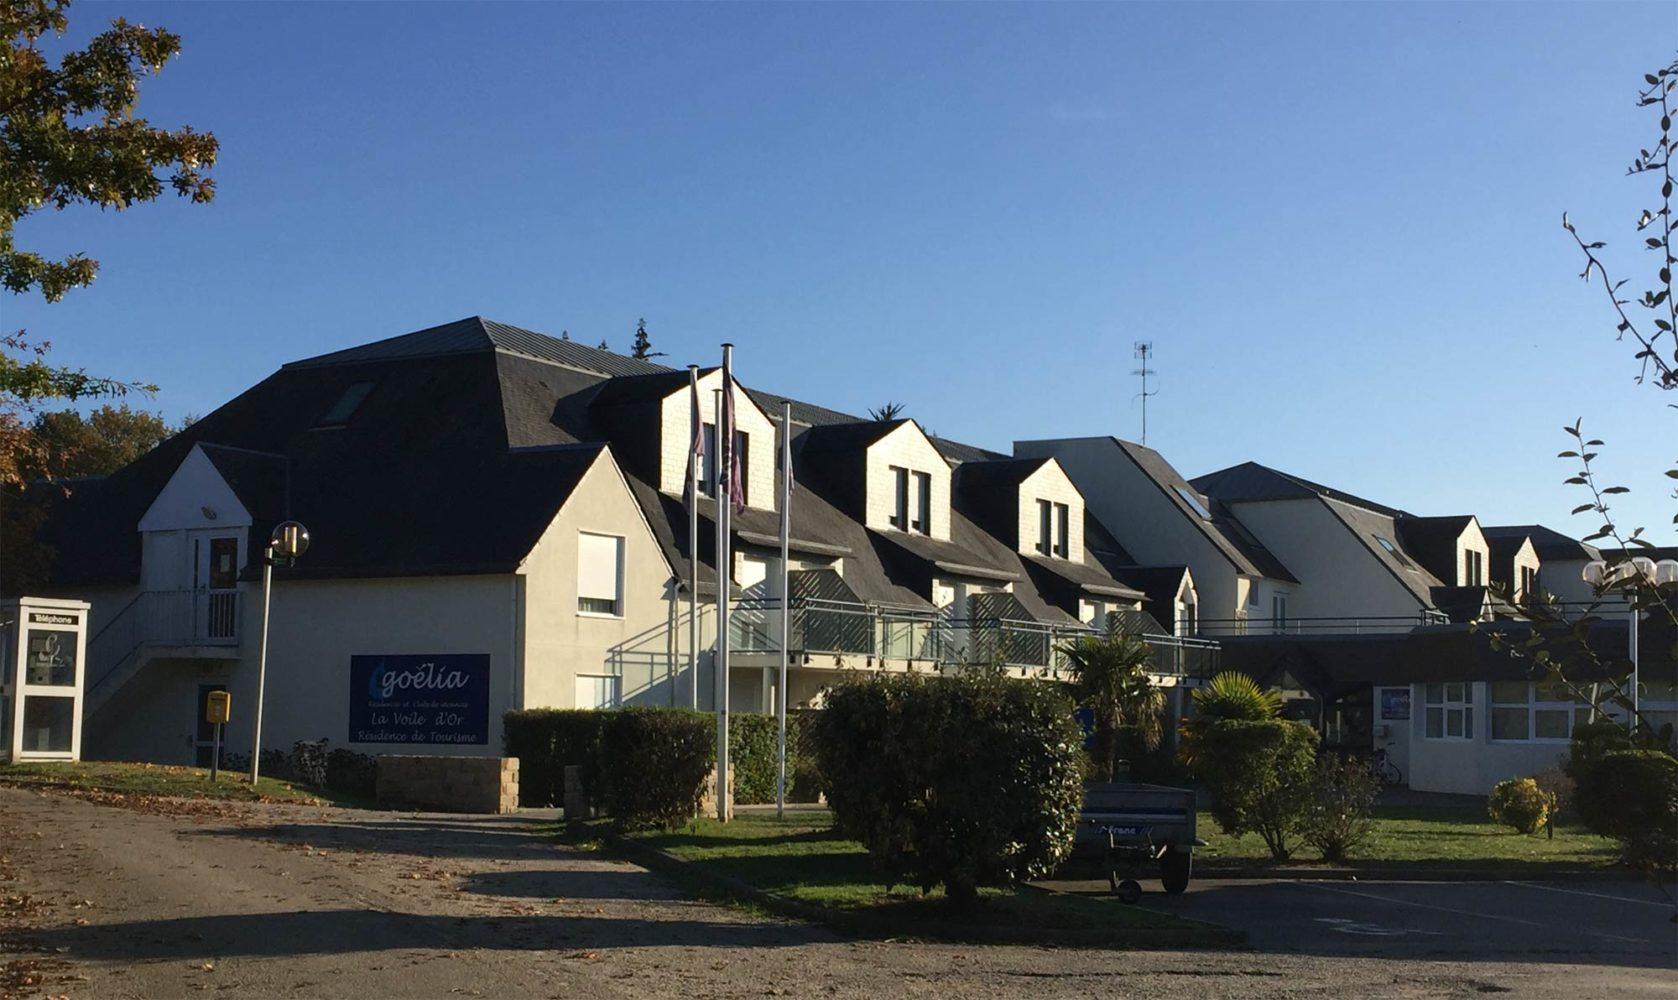 Rénovation-Ile-aux-Moines-Résidence-la-Voile-dOr-G.-LE-PORT-architecte-1-1